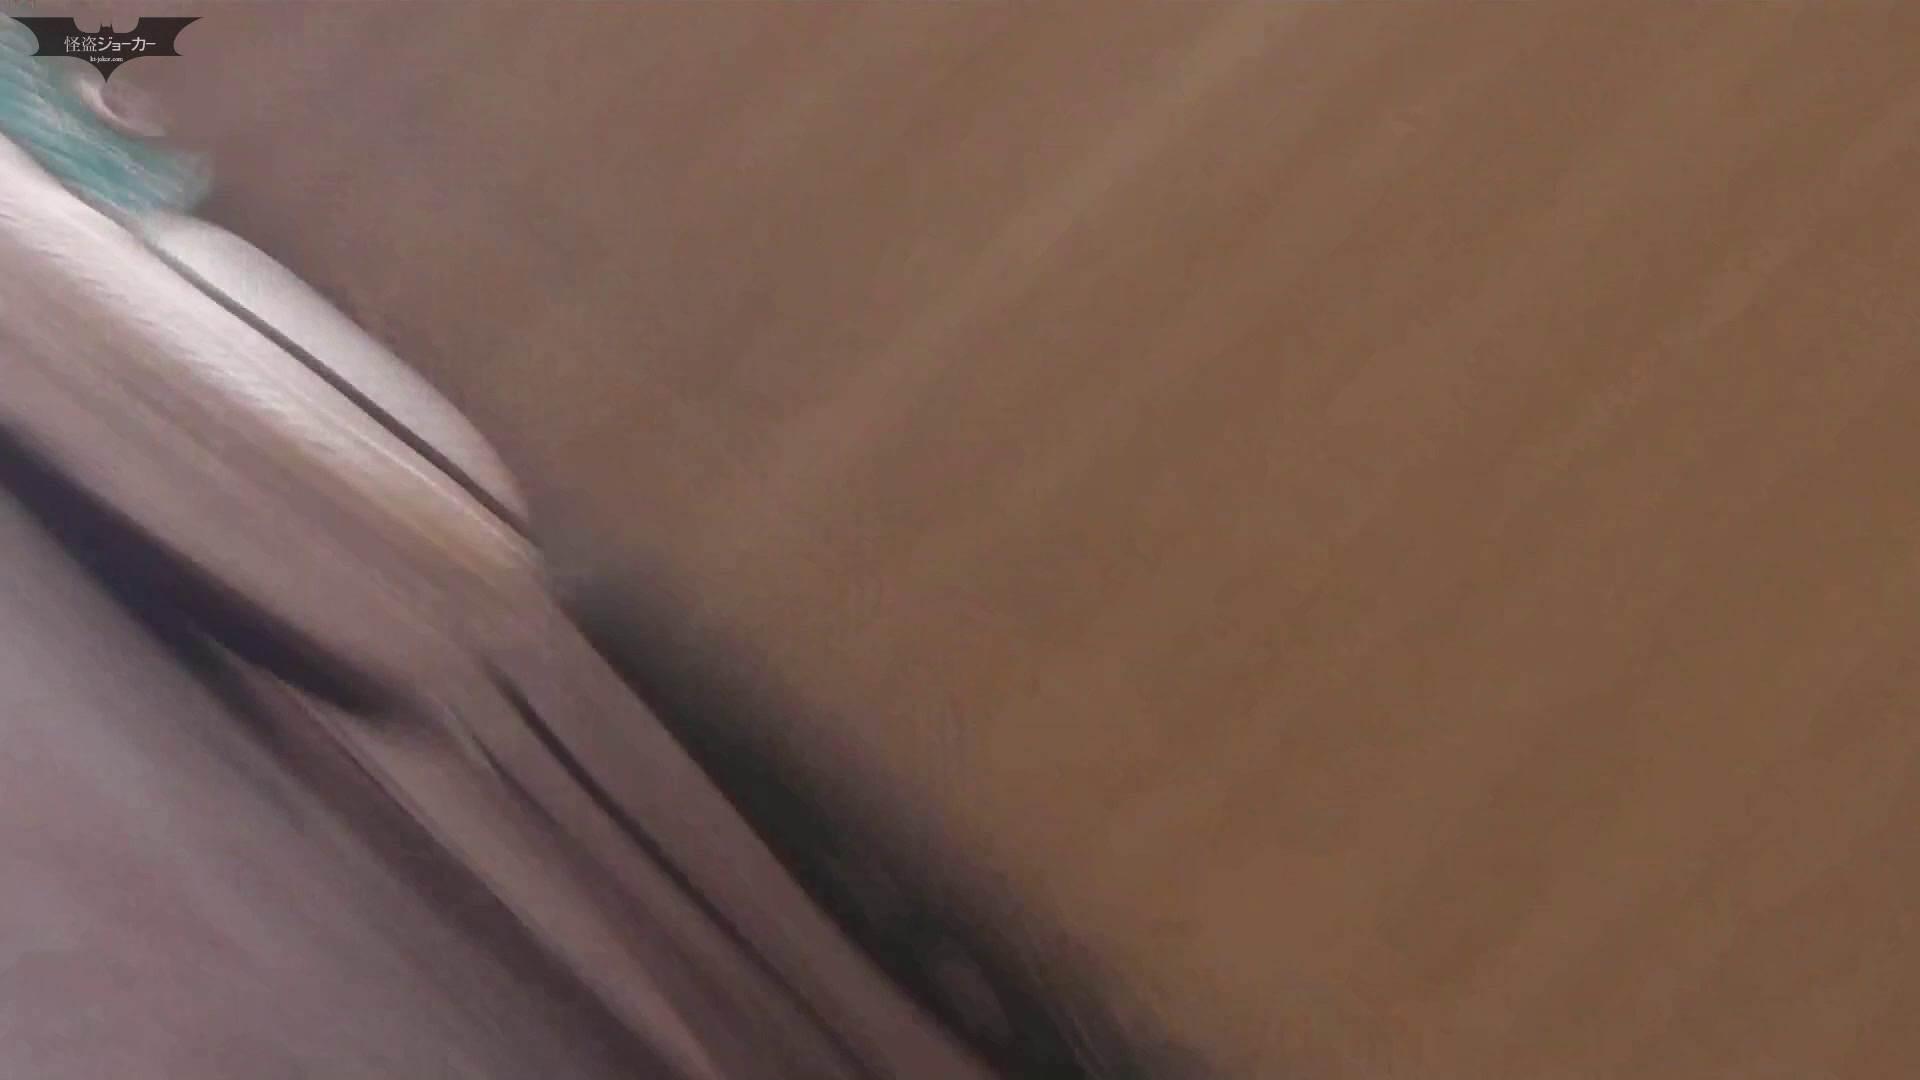 阿国ちゃんの和式洋式七変化 Vol.26 女子会開催でJD大集合! 盛合せ 戯れ無修正画像 75画像 25